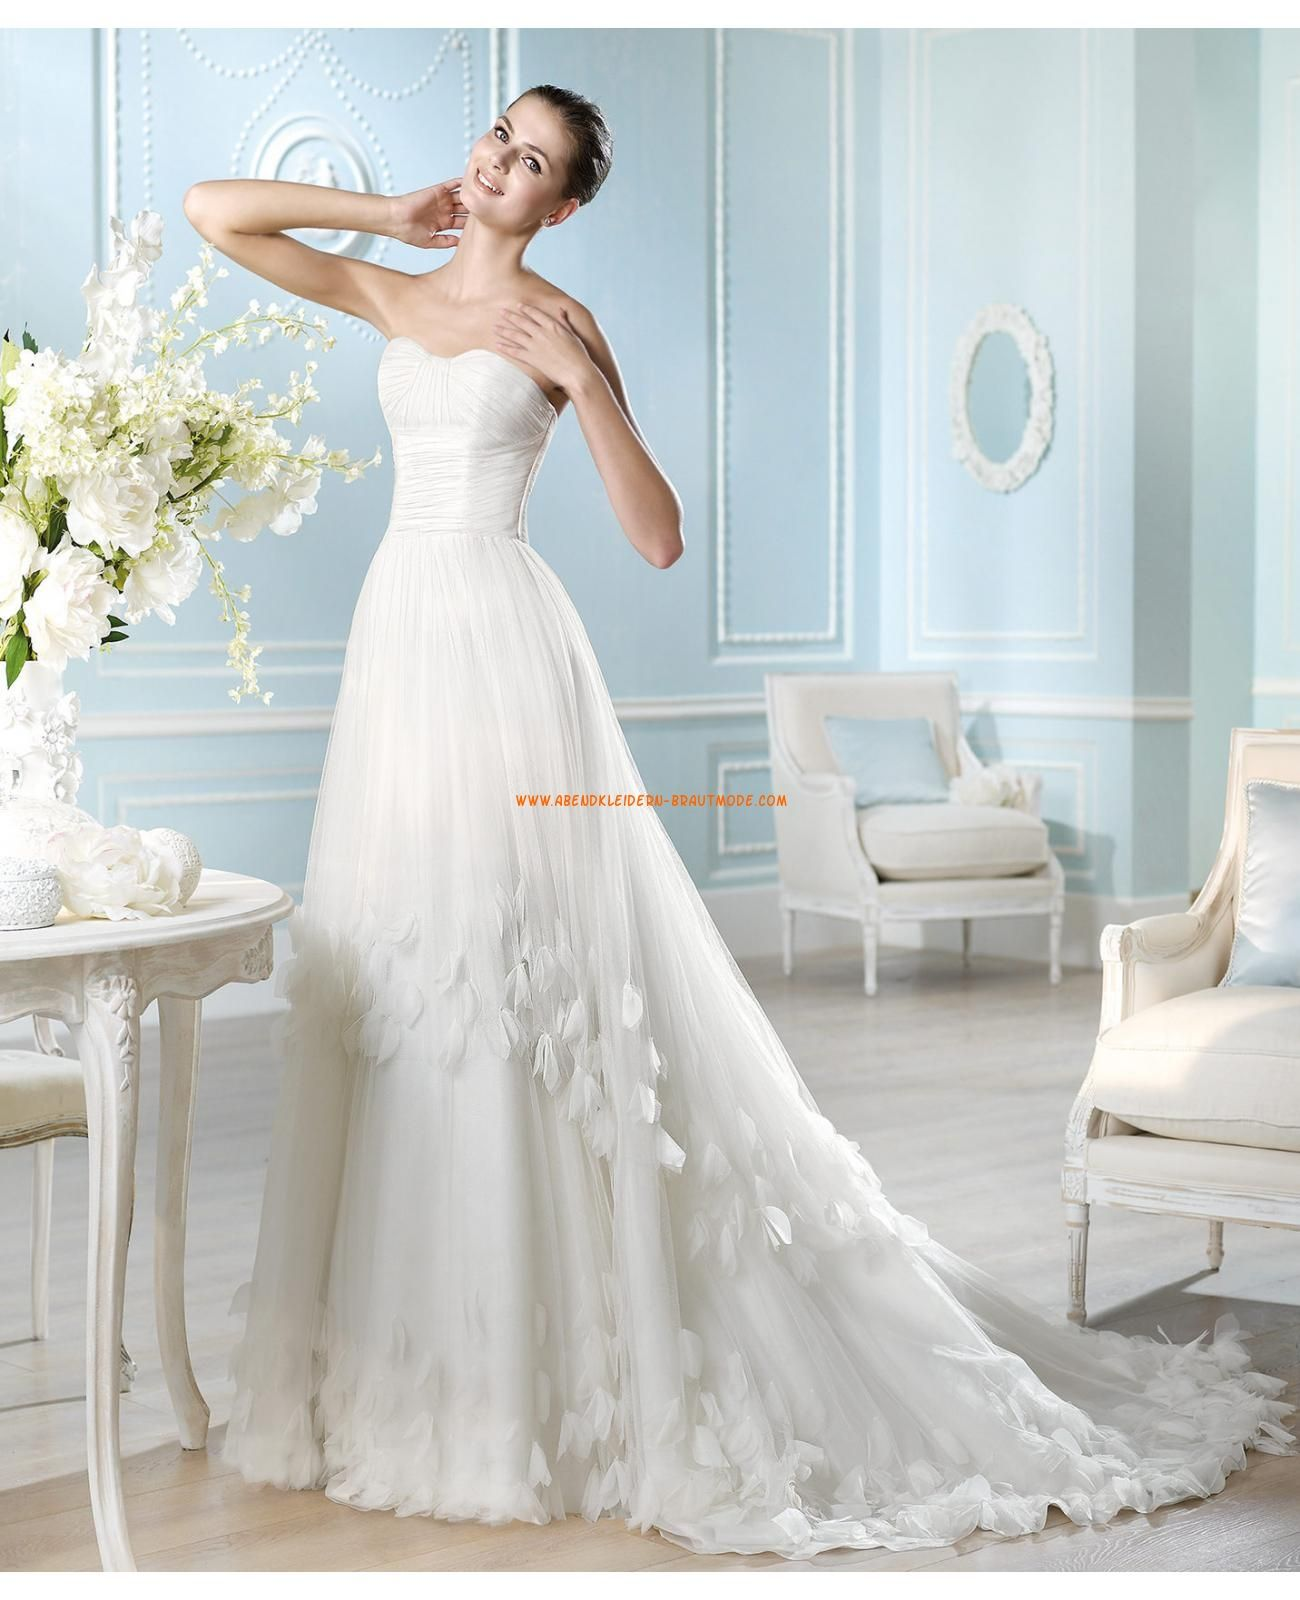 2014 Elegante Brautkleider aus Satin und Tüll A-Linie | brautkleider ...